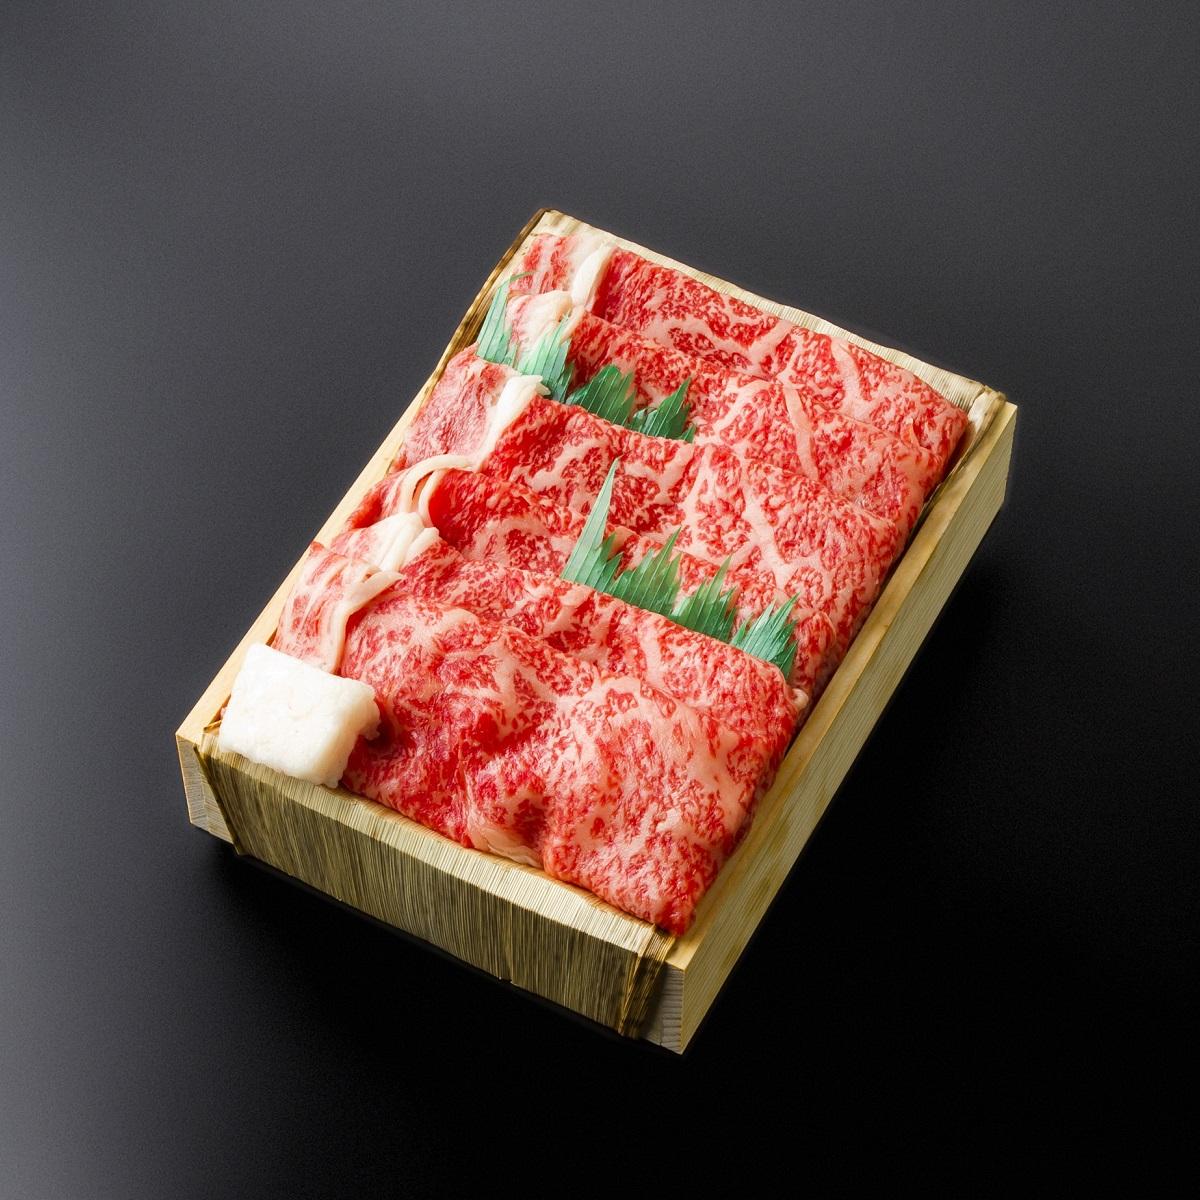 【ふるさと納税】朝日屋 名産松阪肉 すき焼(リブロース)500g